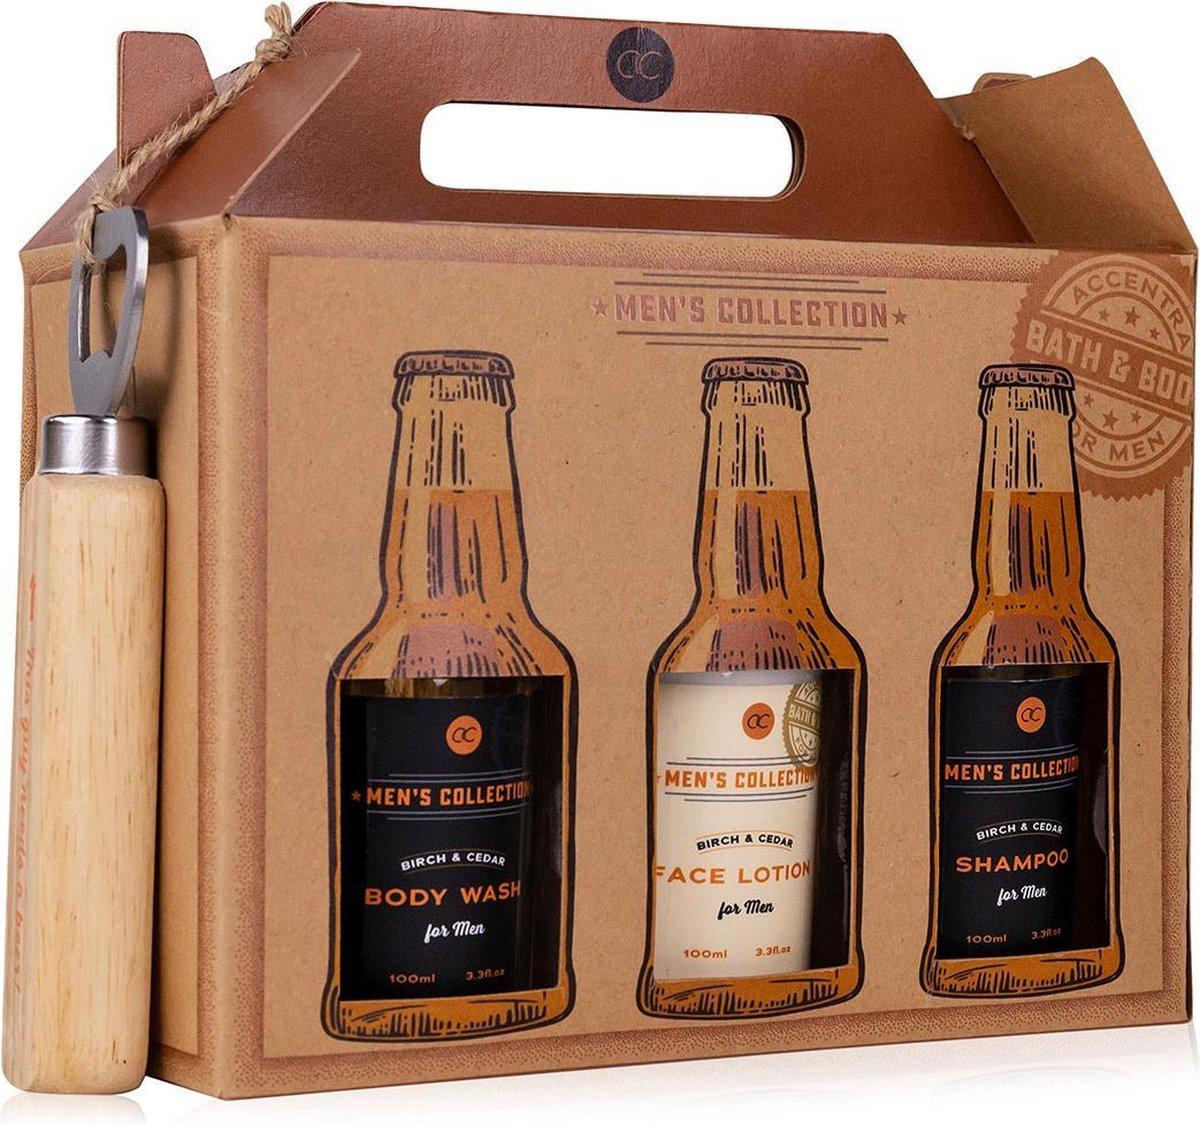 Cadeau voor man - Grappig en stoer verjaardag cadeau mannen in kratgeschenkverpakking - Men's Collec